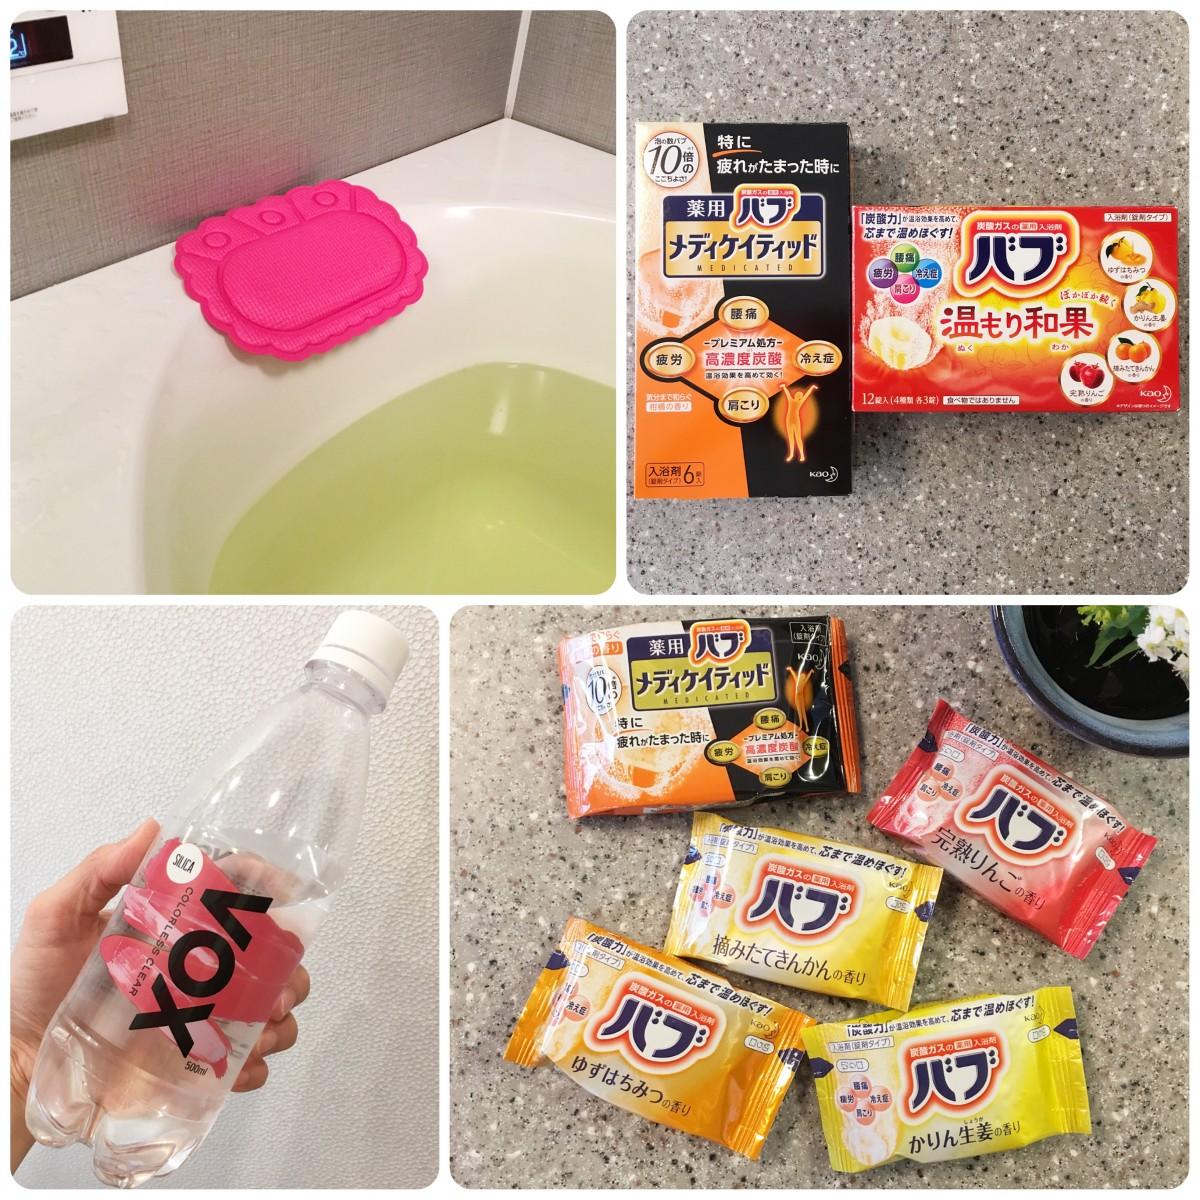 【「炭酸」の力で入浴効果アップ】冷え&疲れに効くプチプラ入浴剤と入浴後に飲むおすすめ炭酸水